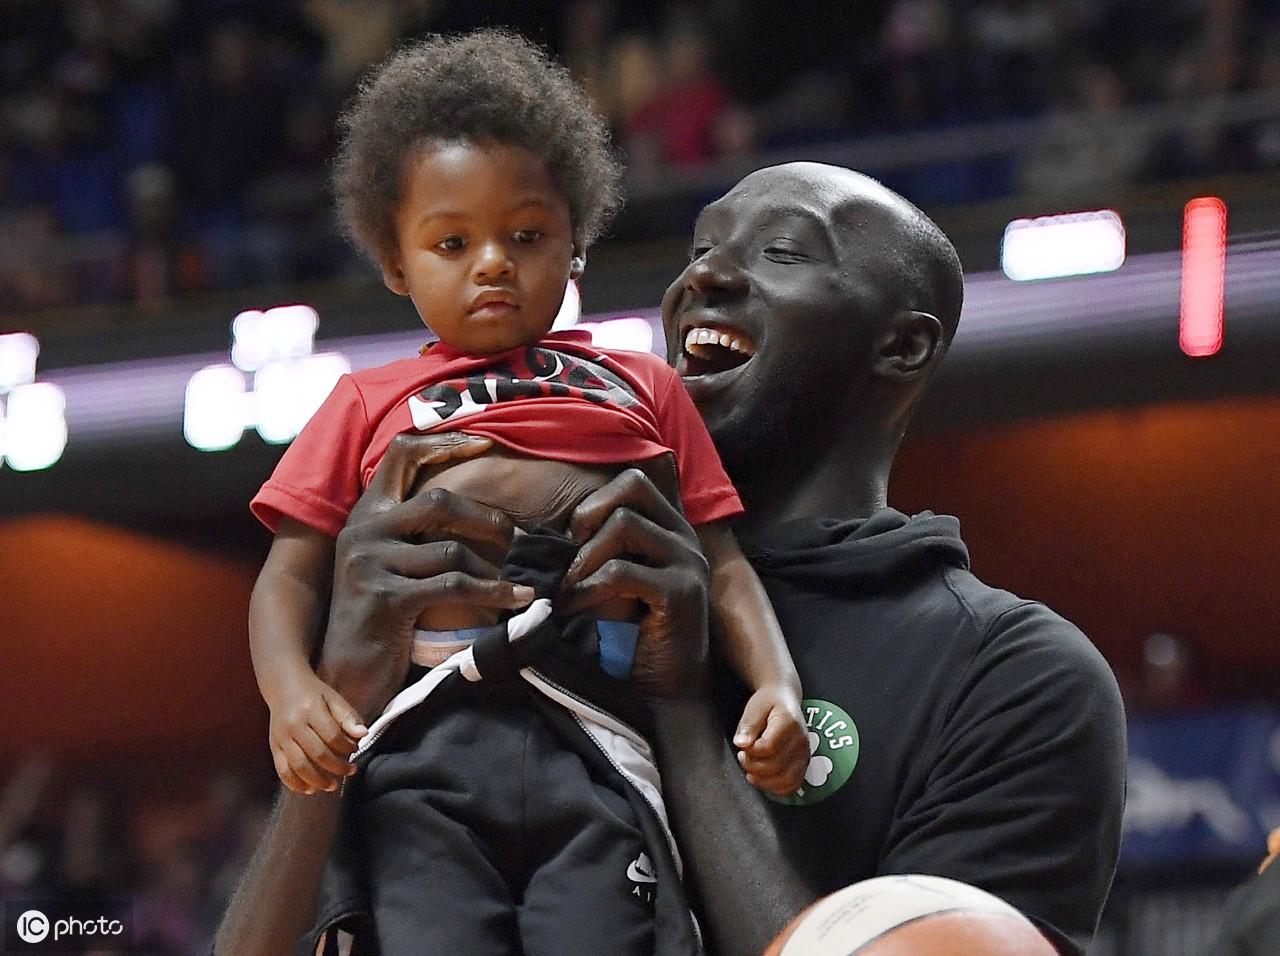 在WNBA篮球季后赛比赛中,凯尔特人队员帮助一名小男孩进入禁区